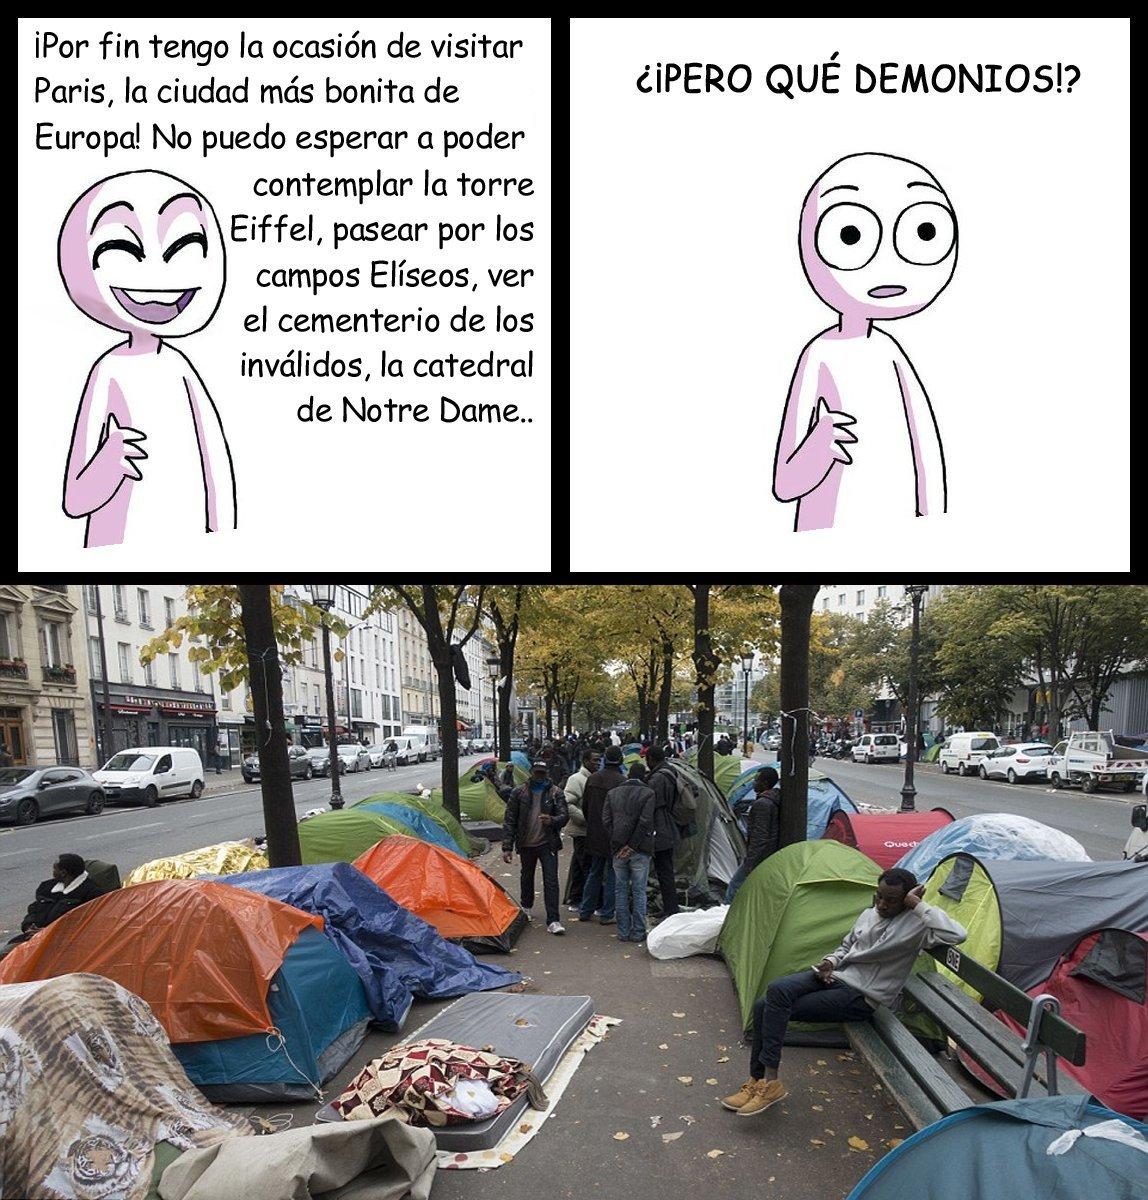 Pobre Paris :( - meme